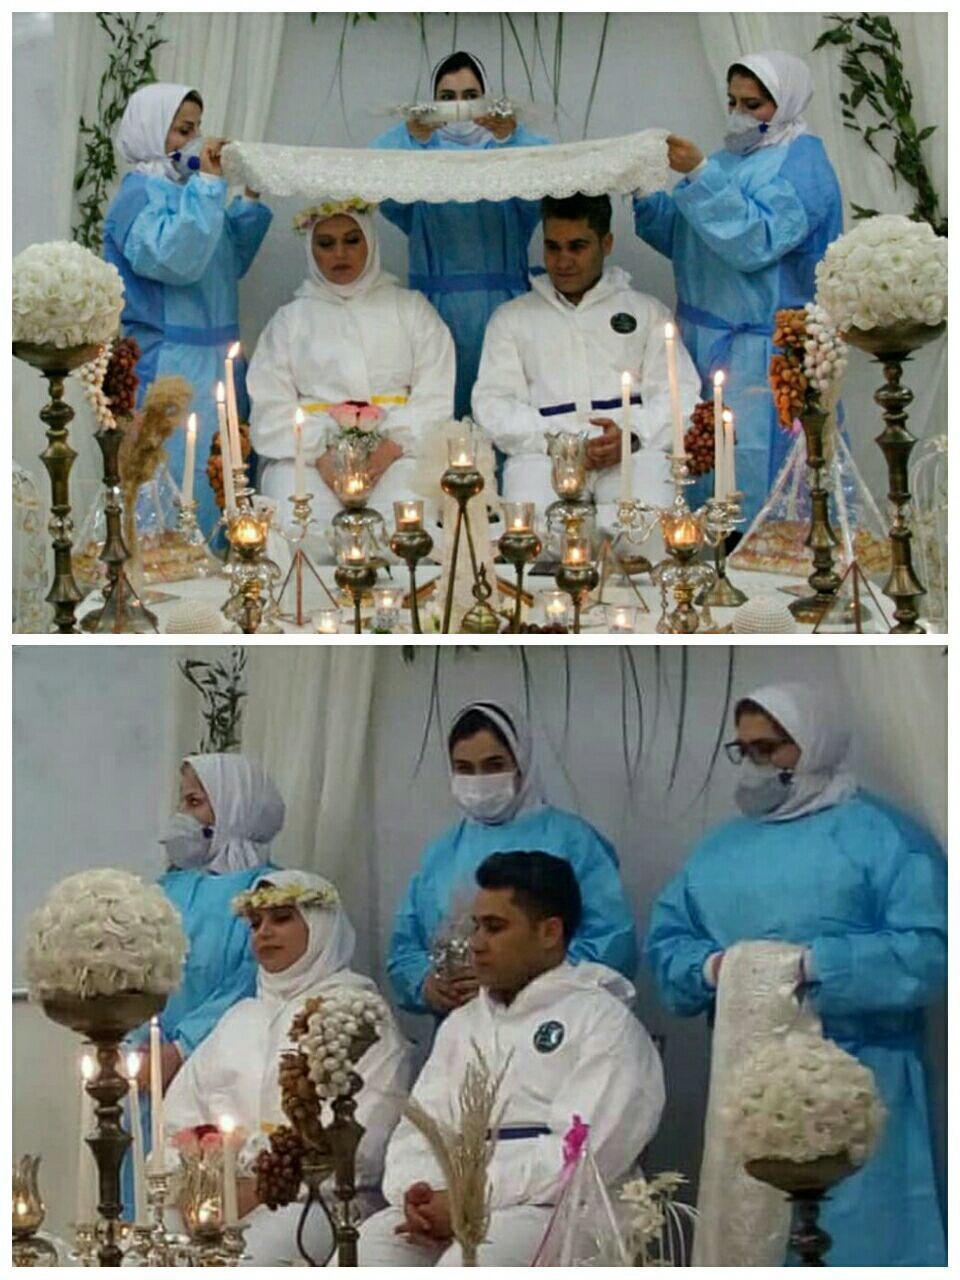 ازدواج زوج پرستار در بیمارستان